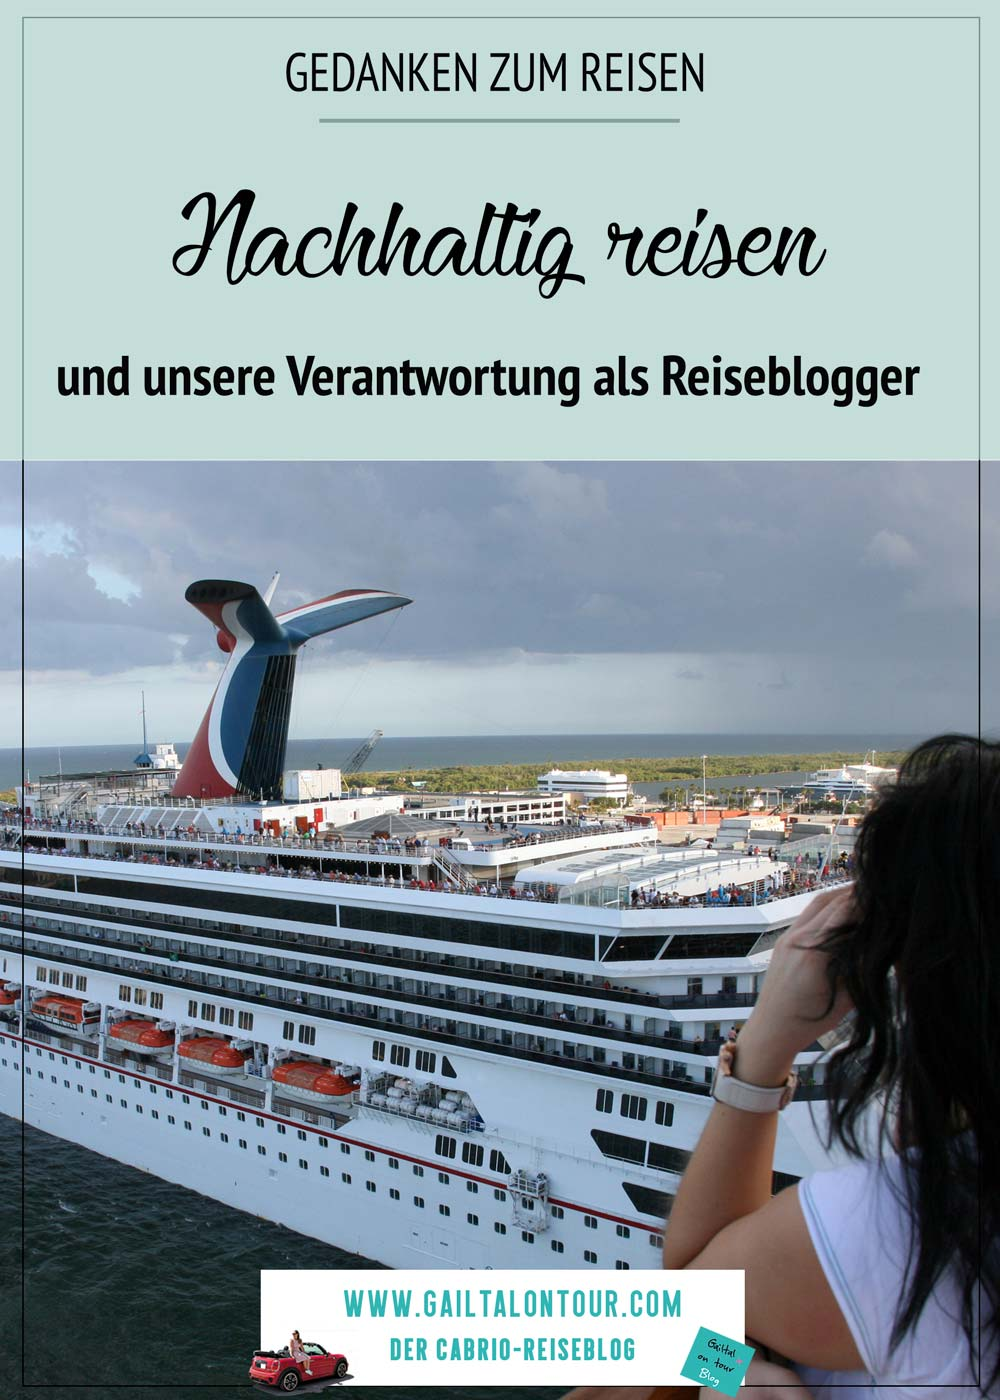 nachhaltig-reisen-verantwortung-reiseblogger